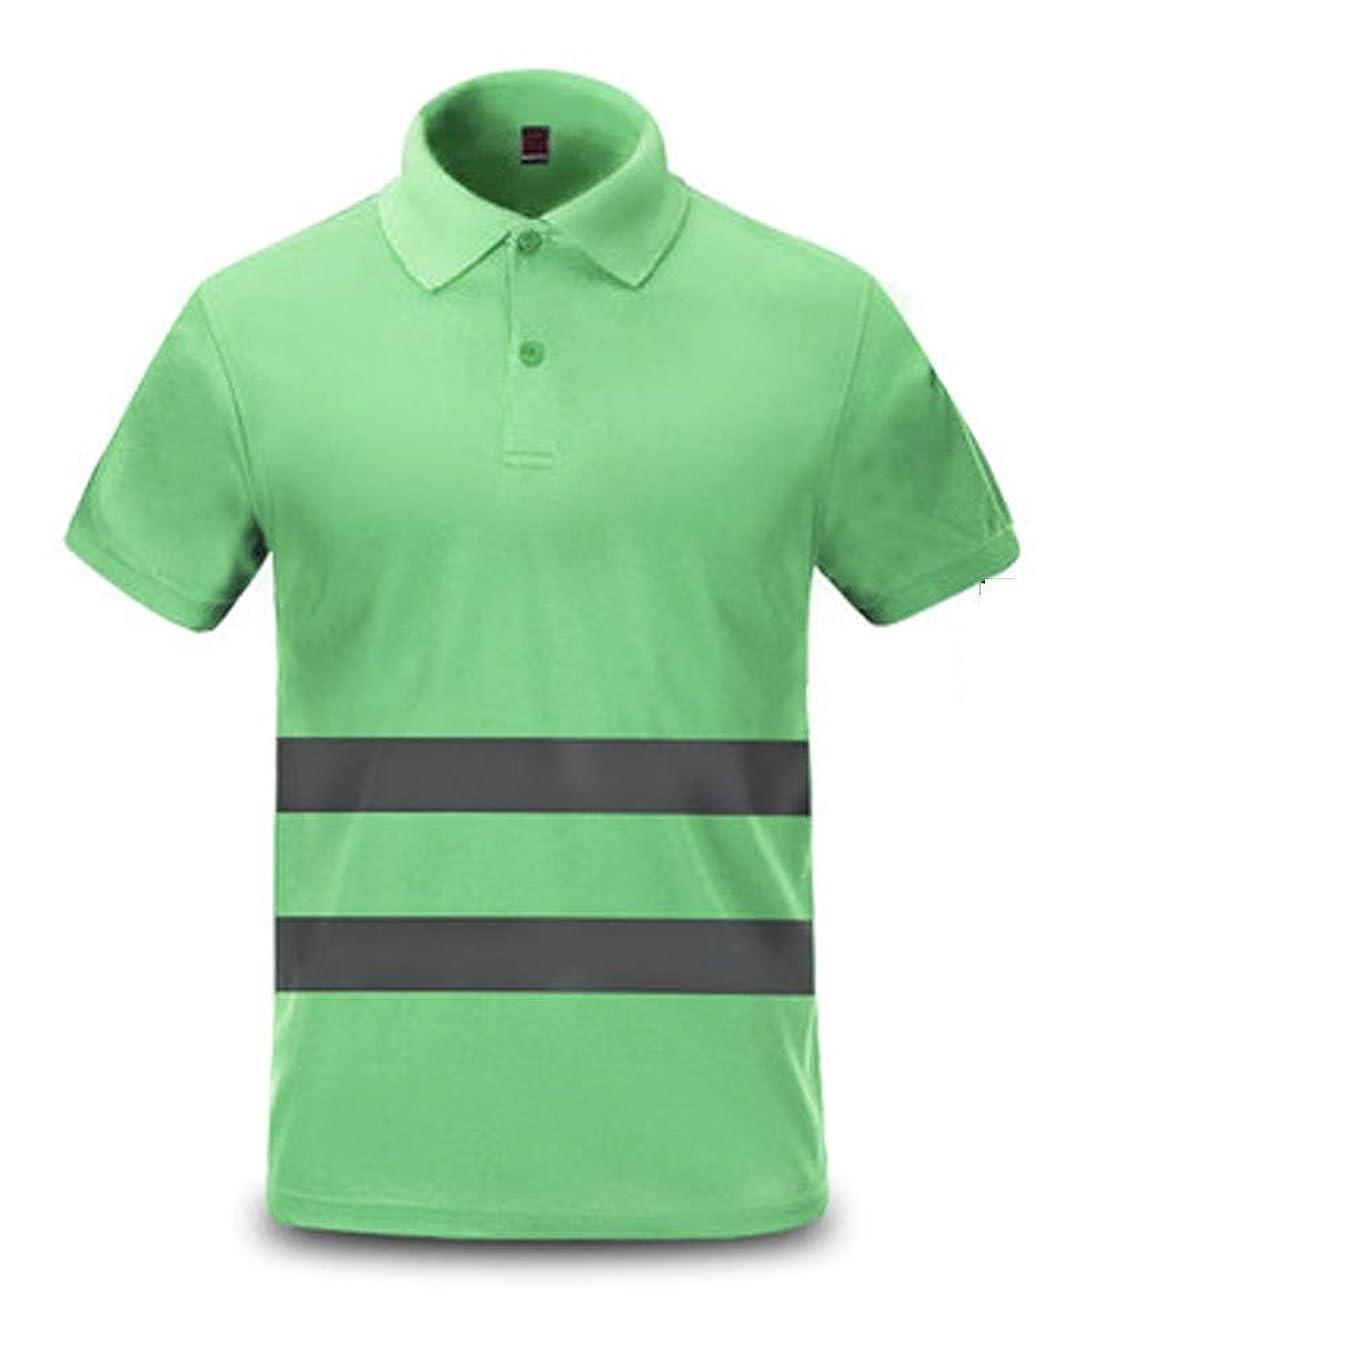 喜ぶ運命的な地球IAIZI 反射Tシャツ半袖反射ストリップ高視認性オーバーオールトップ (Color : Green, Size : XL)